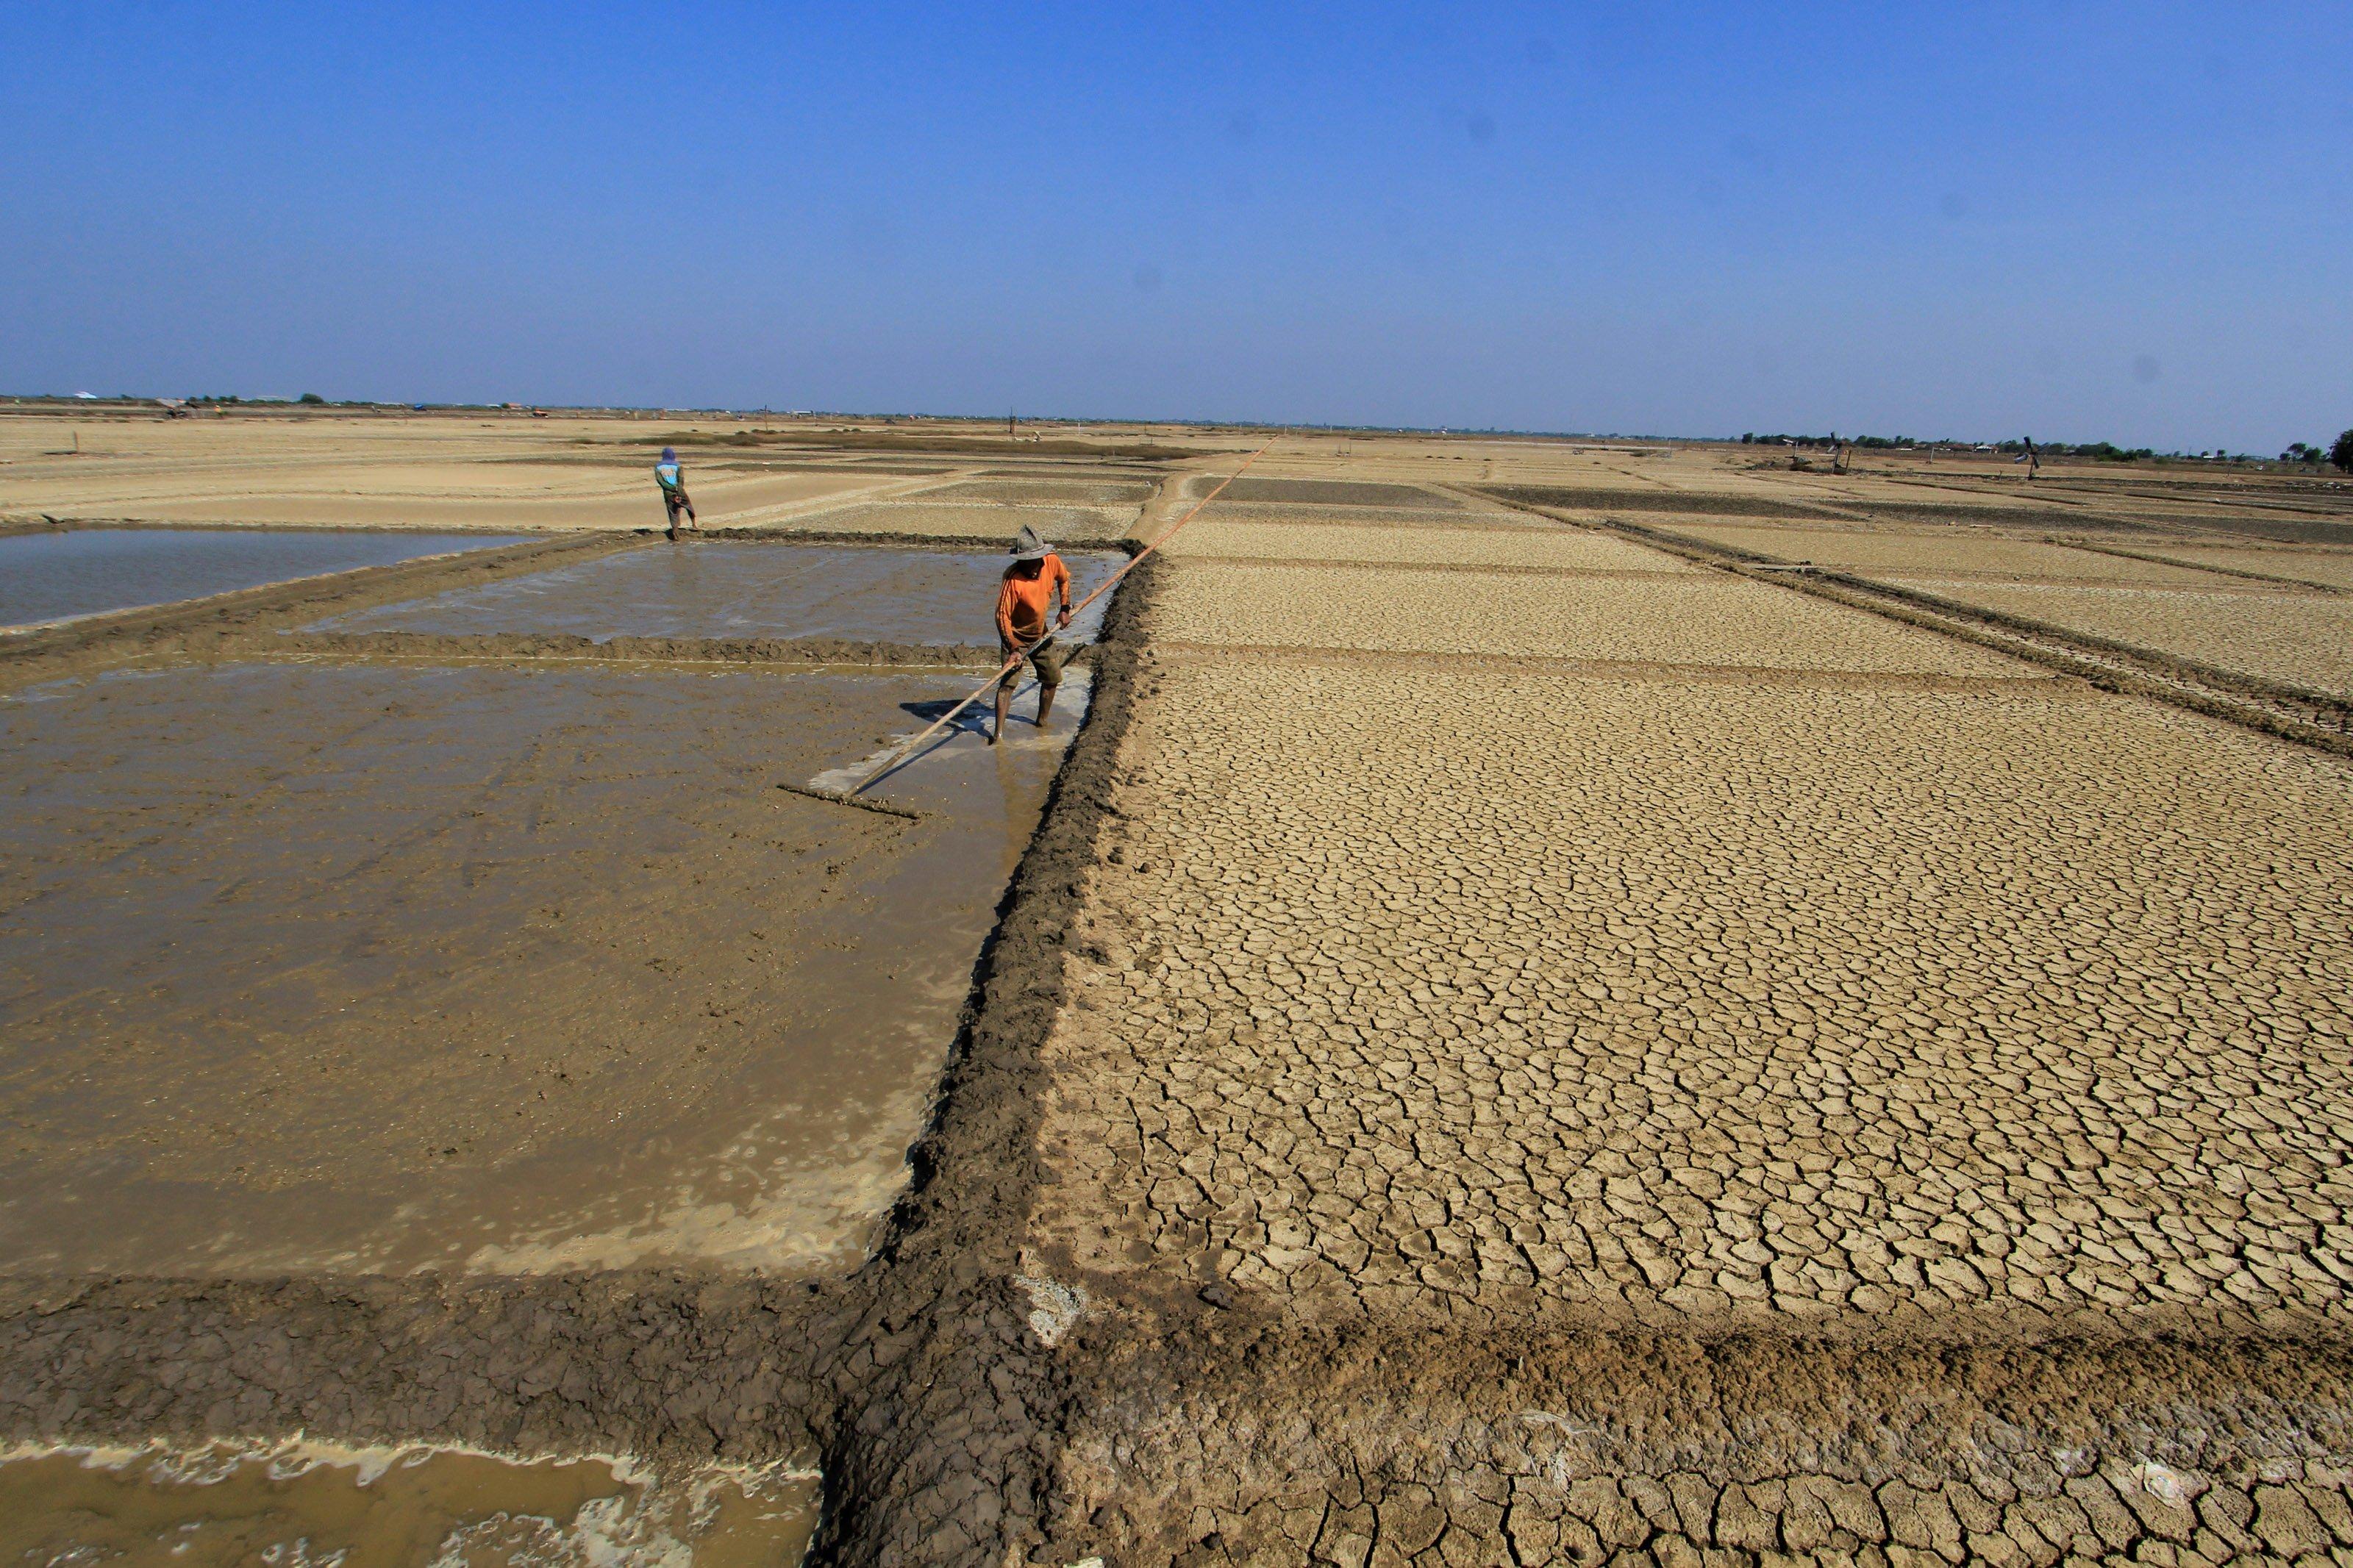 Terik matahari siang itu dirasa bagi petani garam tradisional di desa Santing kecamatan Losarang Kabupaten Indramayu sebagai awal yang baik untuk memulai proses produksi garam di lahan yang sebelumnya hampir setahun lebih terbengkalai.